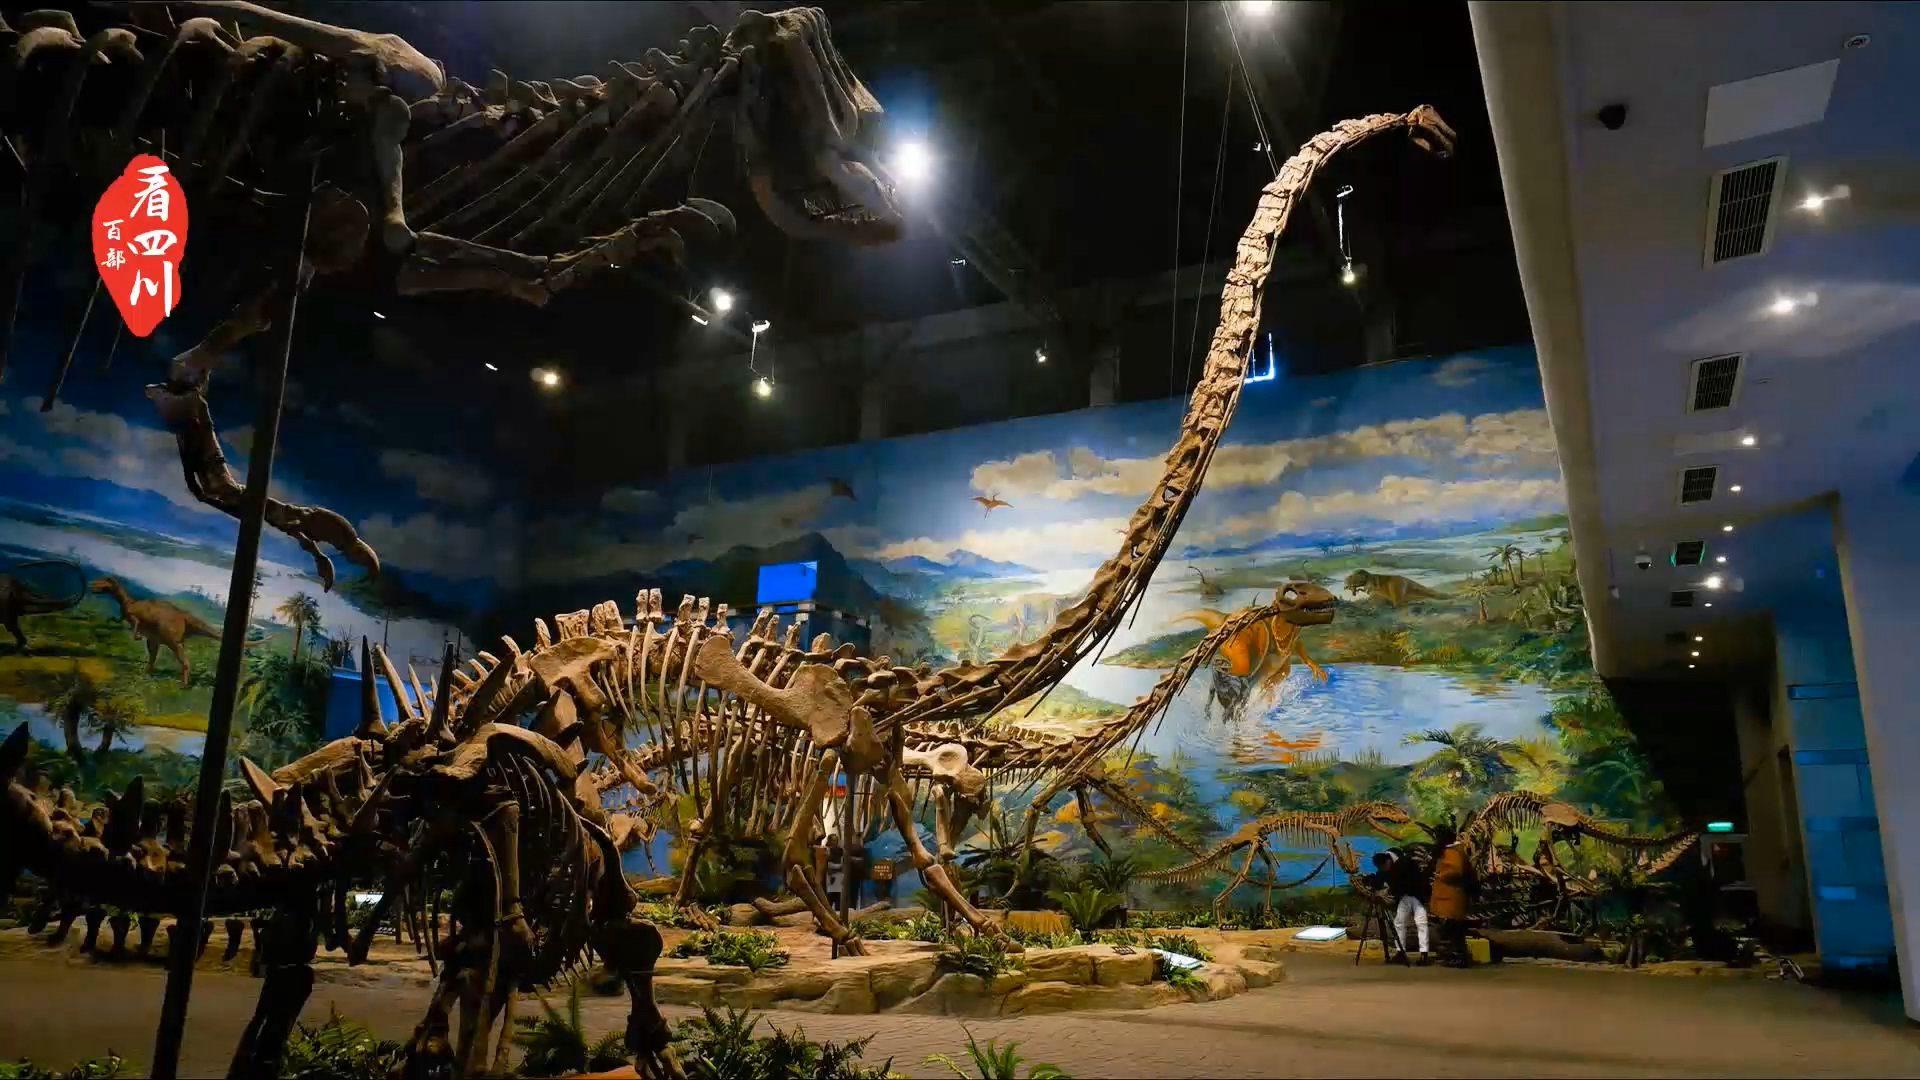 恐龙博物馆奇妙夜